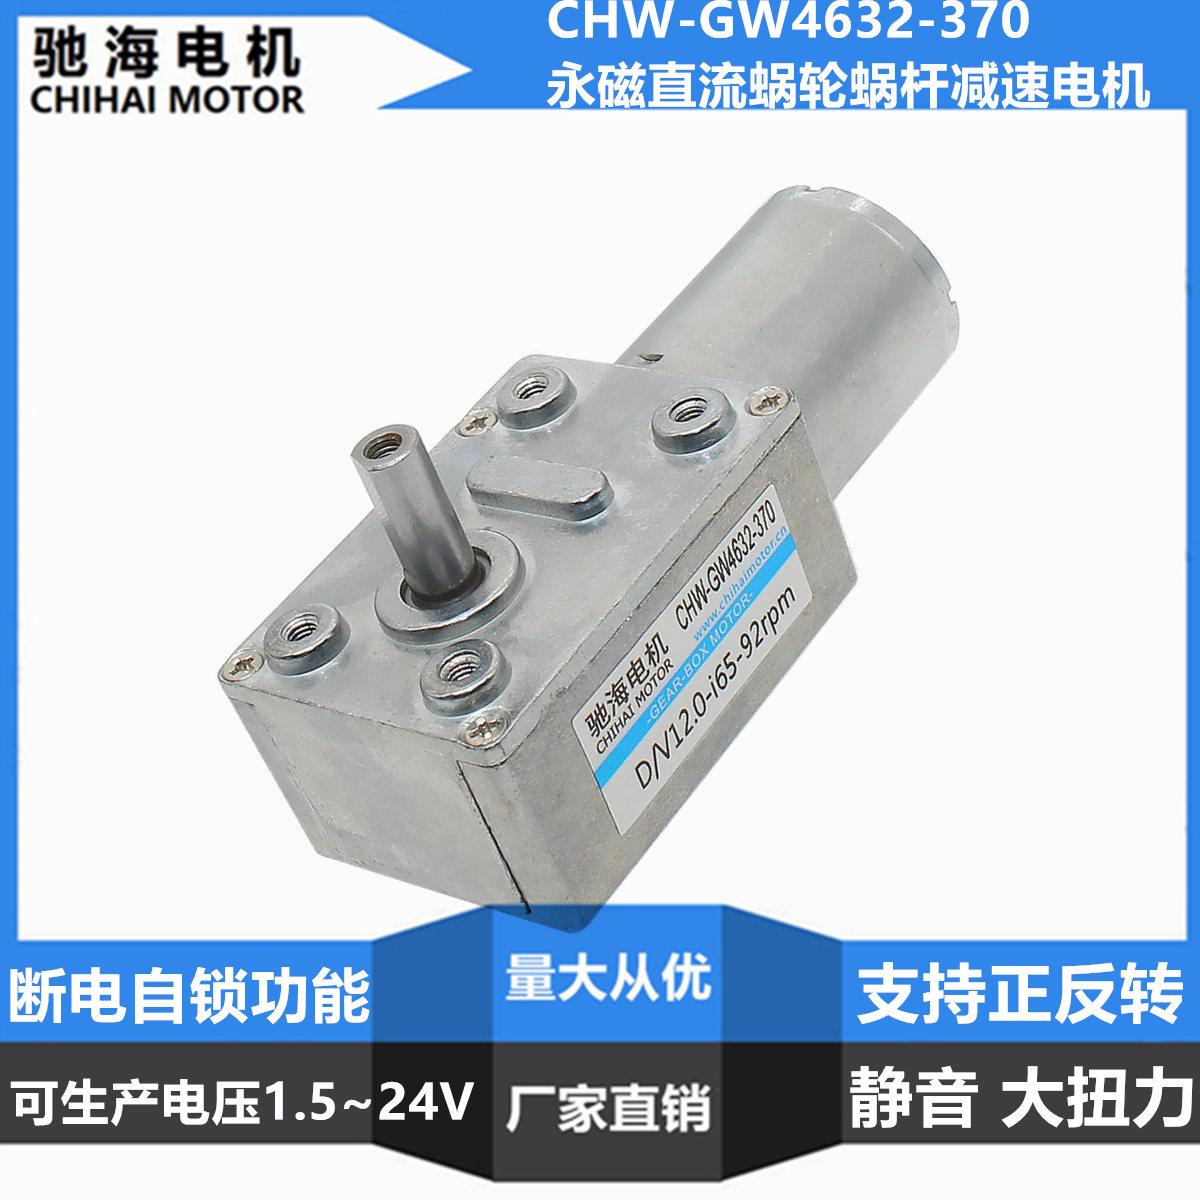 工厂直销 GW4632-370直角蜗轮蜗杆直流减速电机断电自锁6V-24V